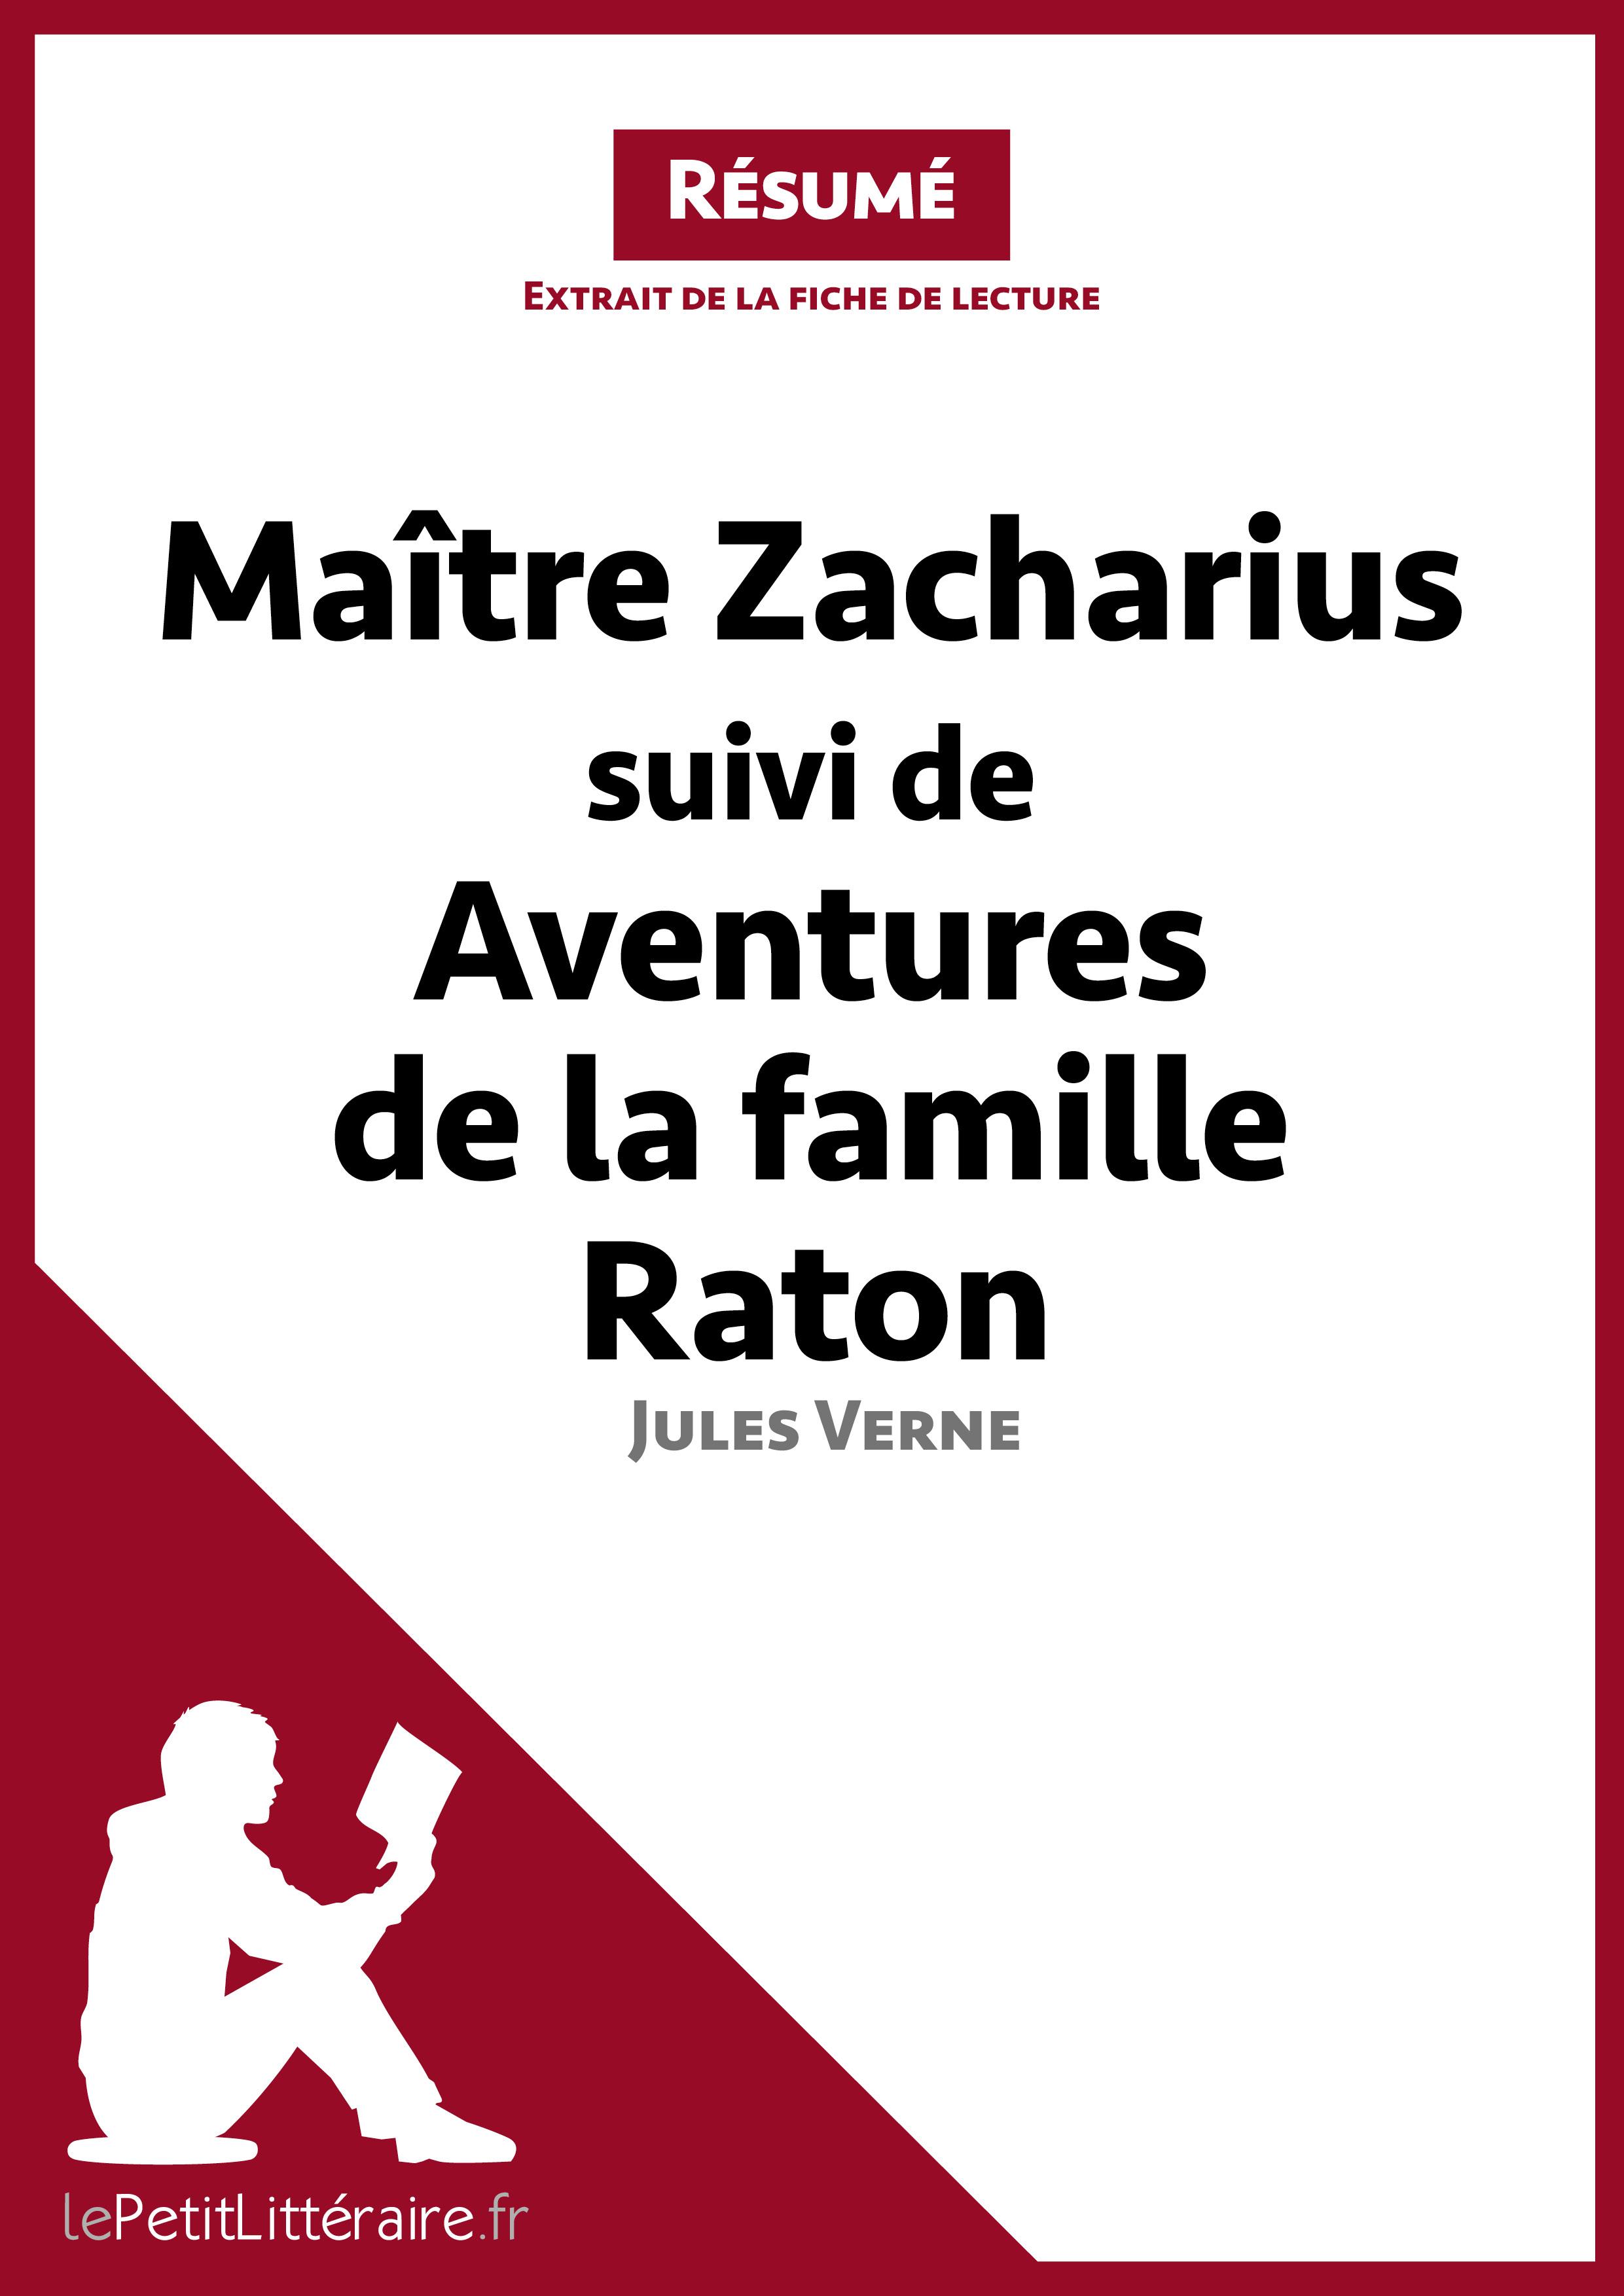 Maitre Zacharius suivi de Aventures de la famille Raton